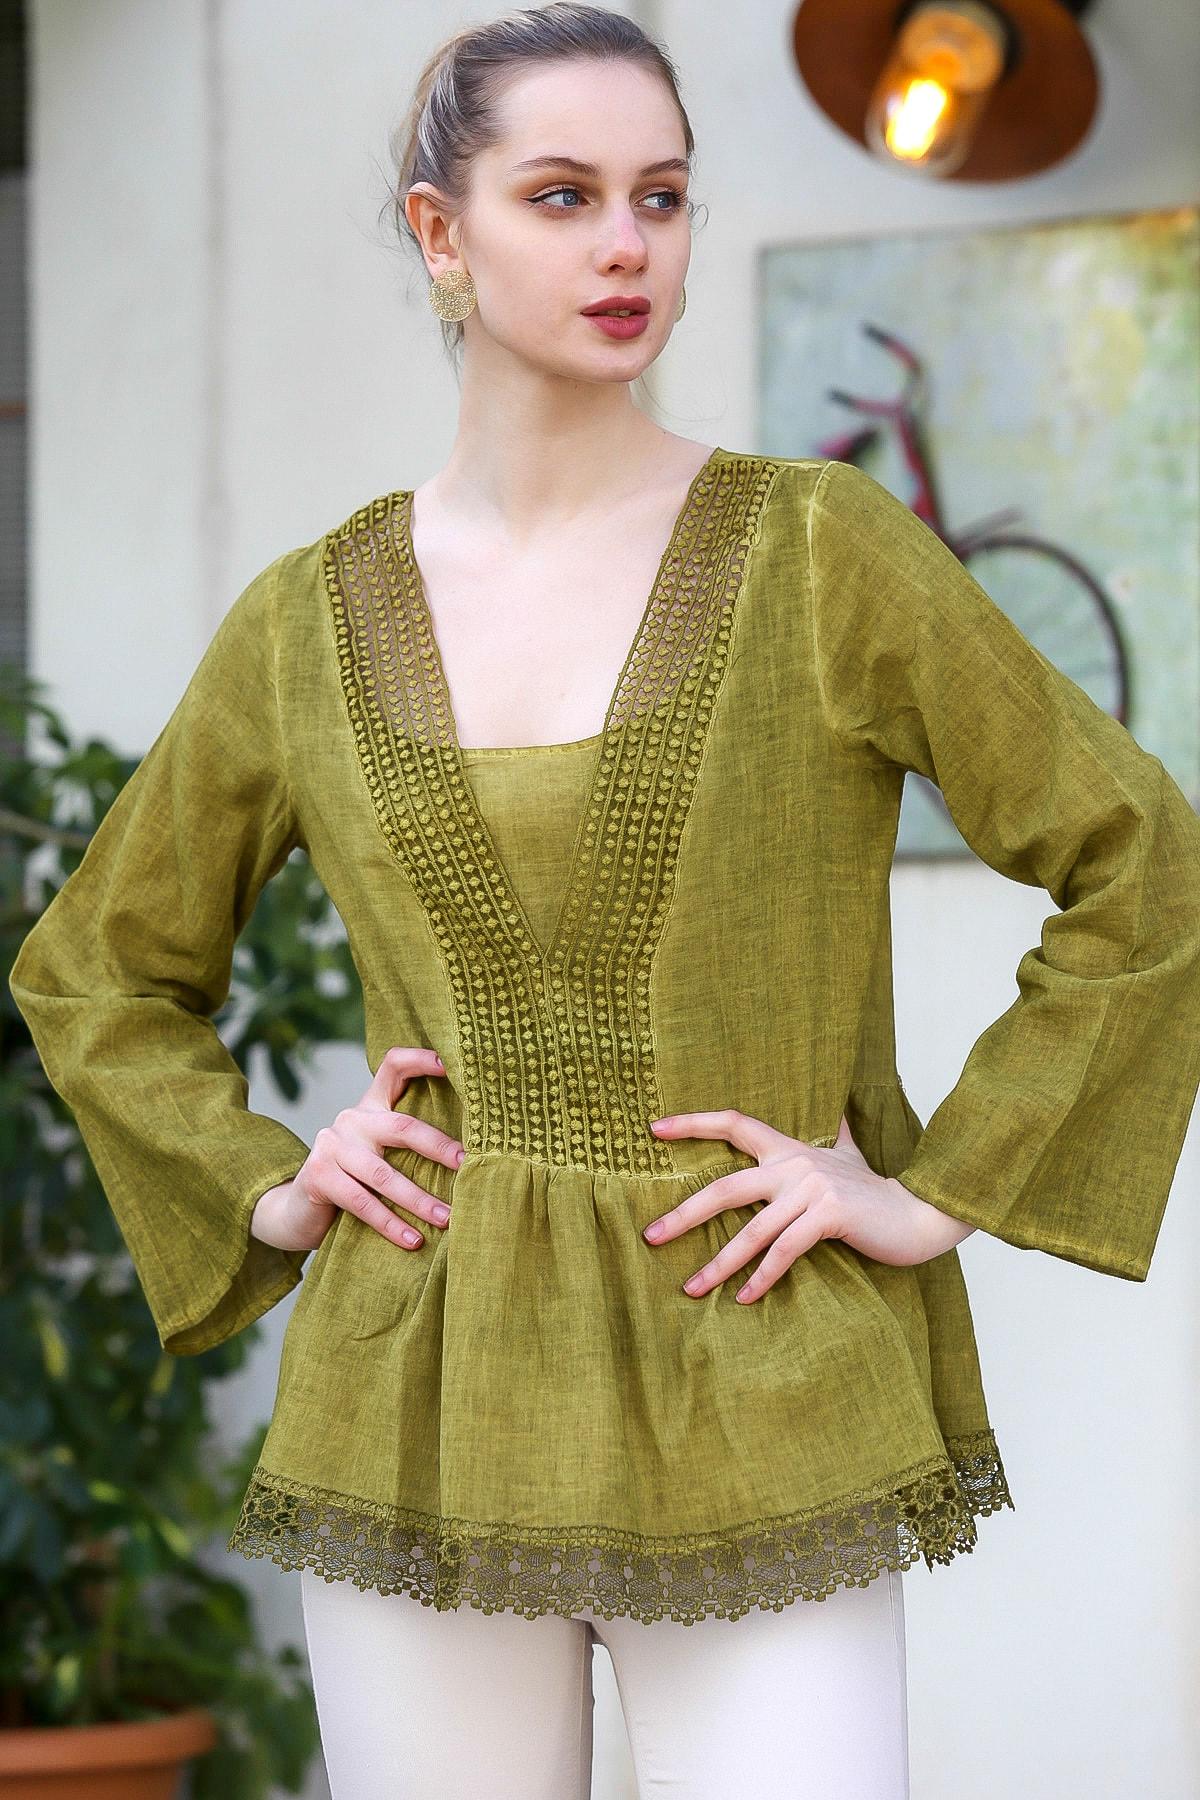 Chiccy Kadın Yeşil V Yaka Dantel Detaylı Beli Büzgülü Yıkamalı Dokuma Bluz M10010200BL95371